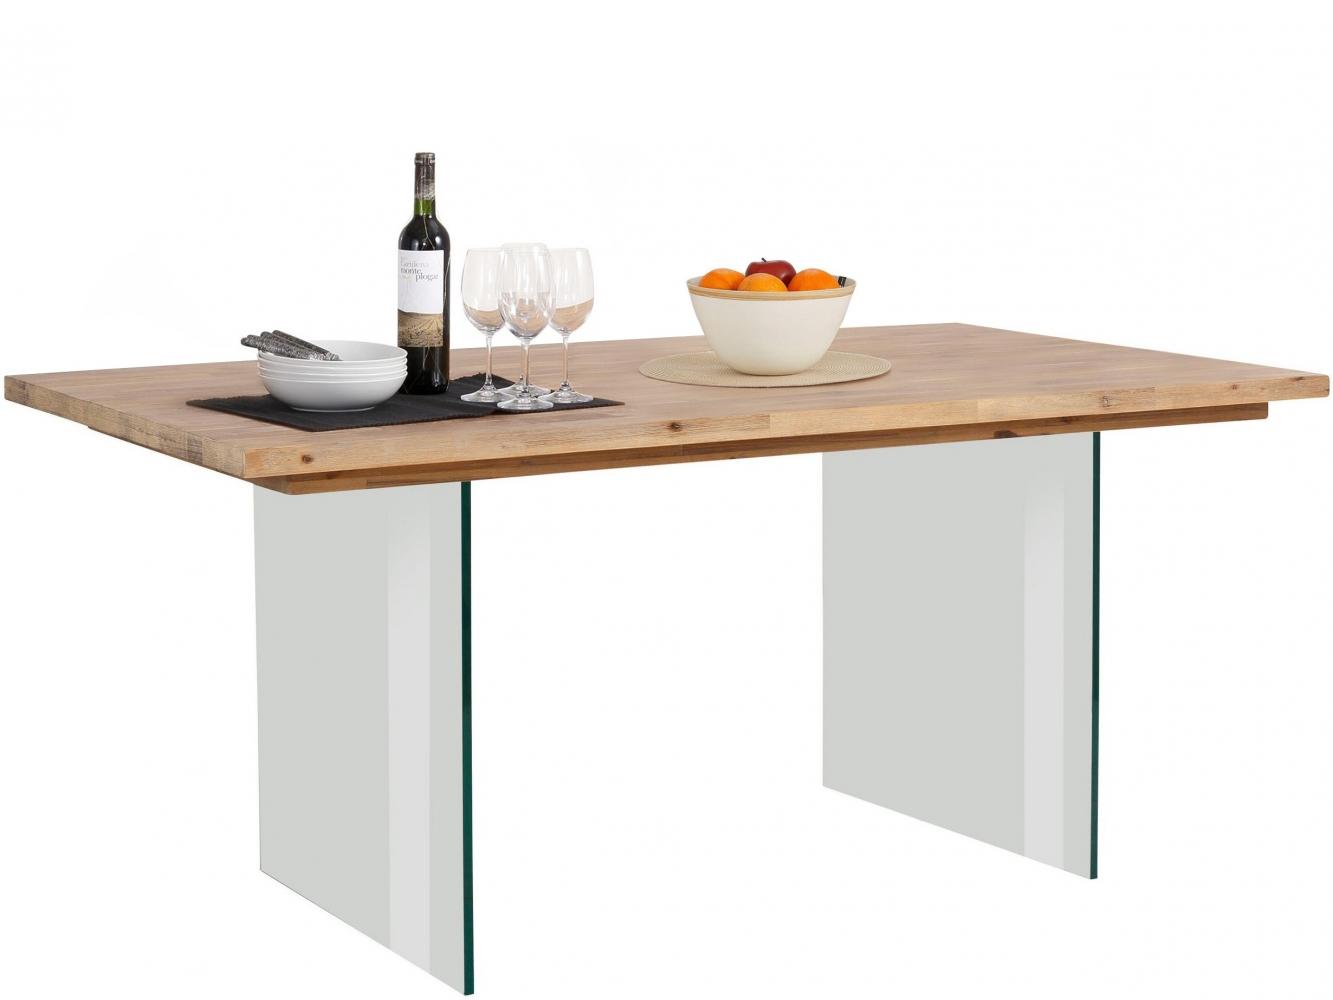 Jídelní stůl Vive, 180 cm, masivní akát